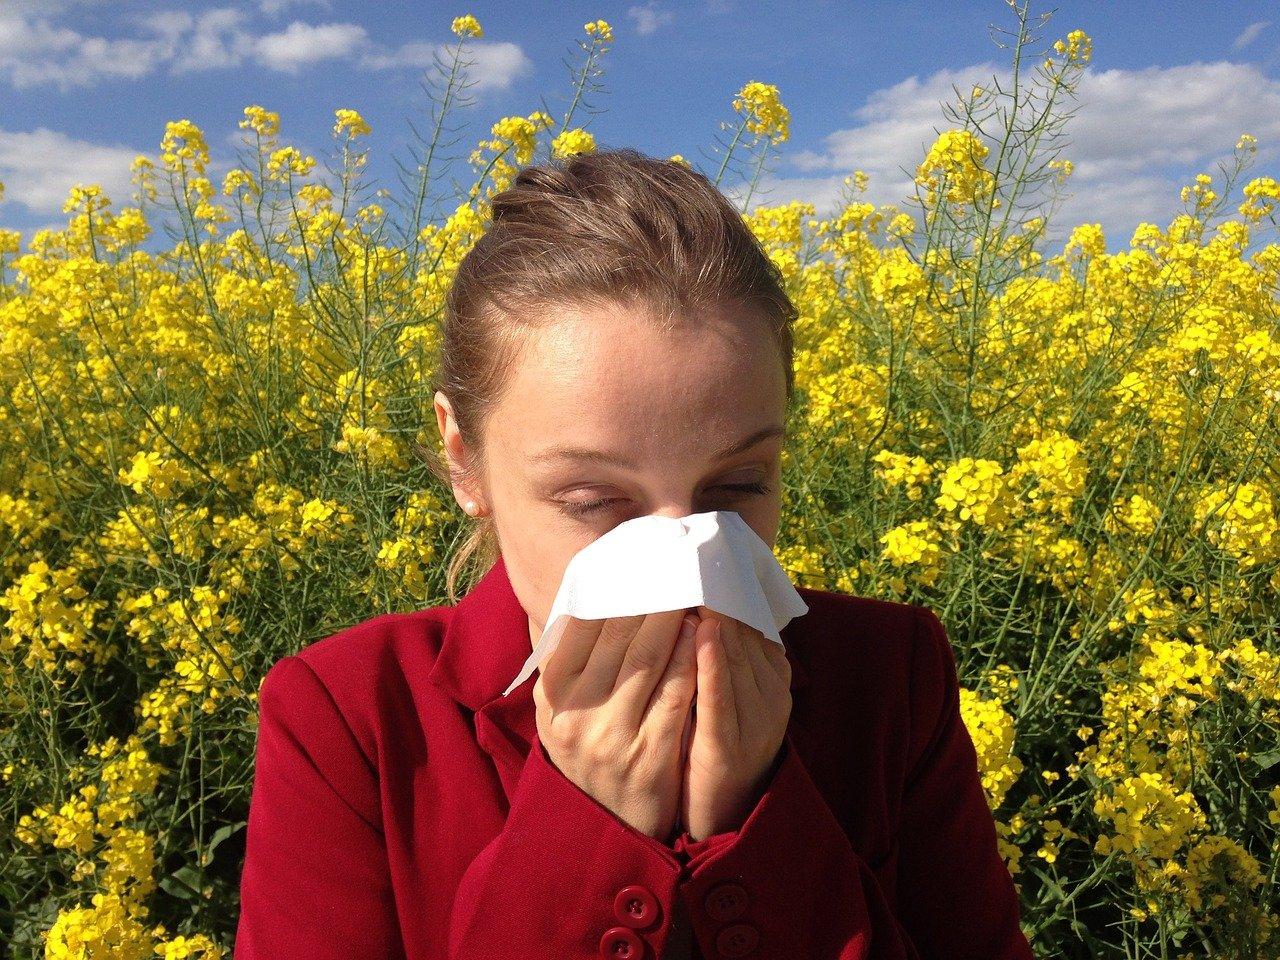 Oroscopo e salute: Bilancia e Toro, attenti alle allergie